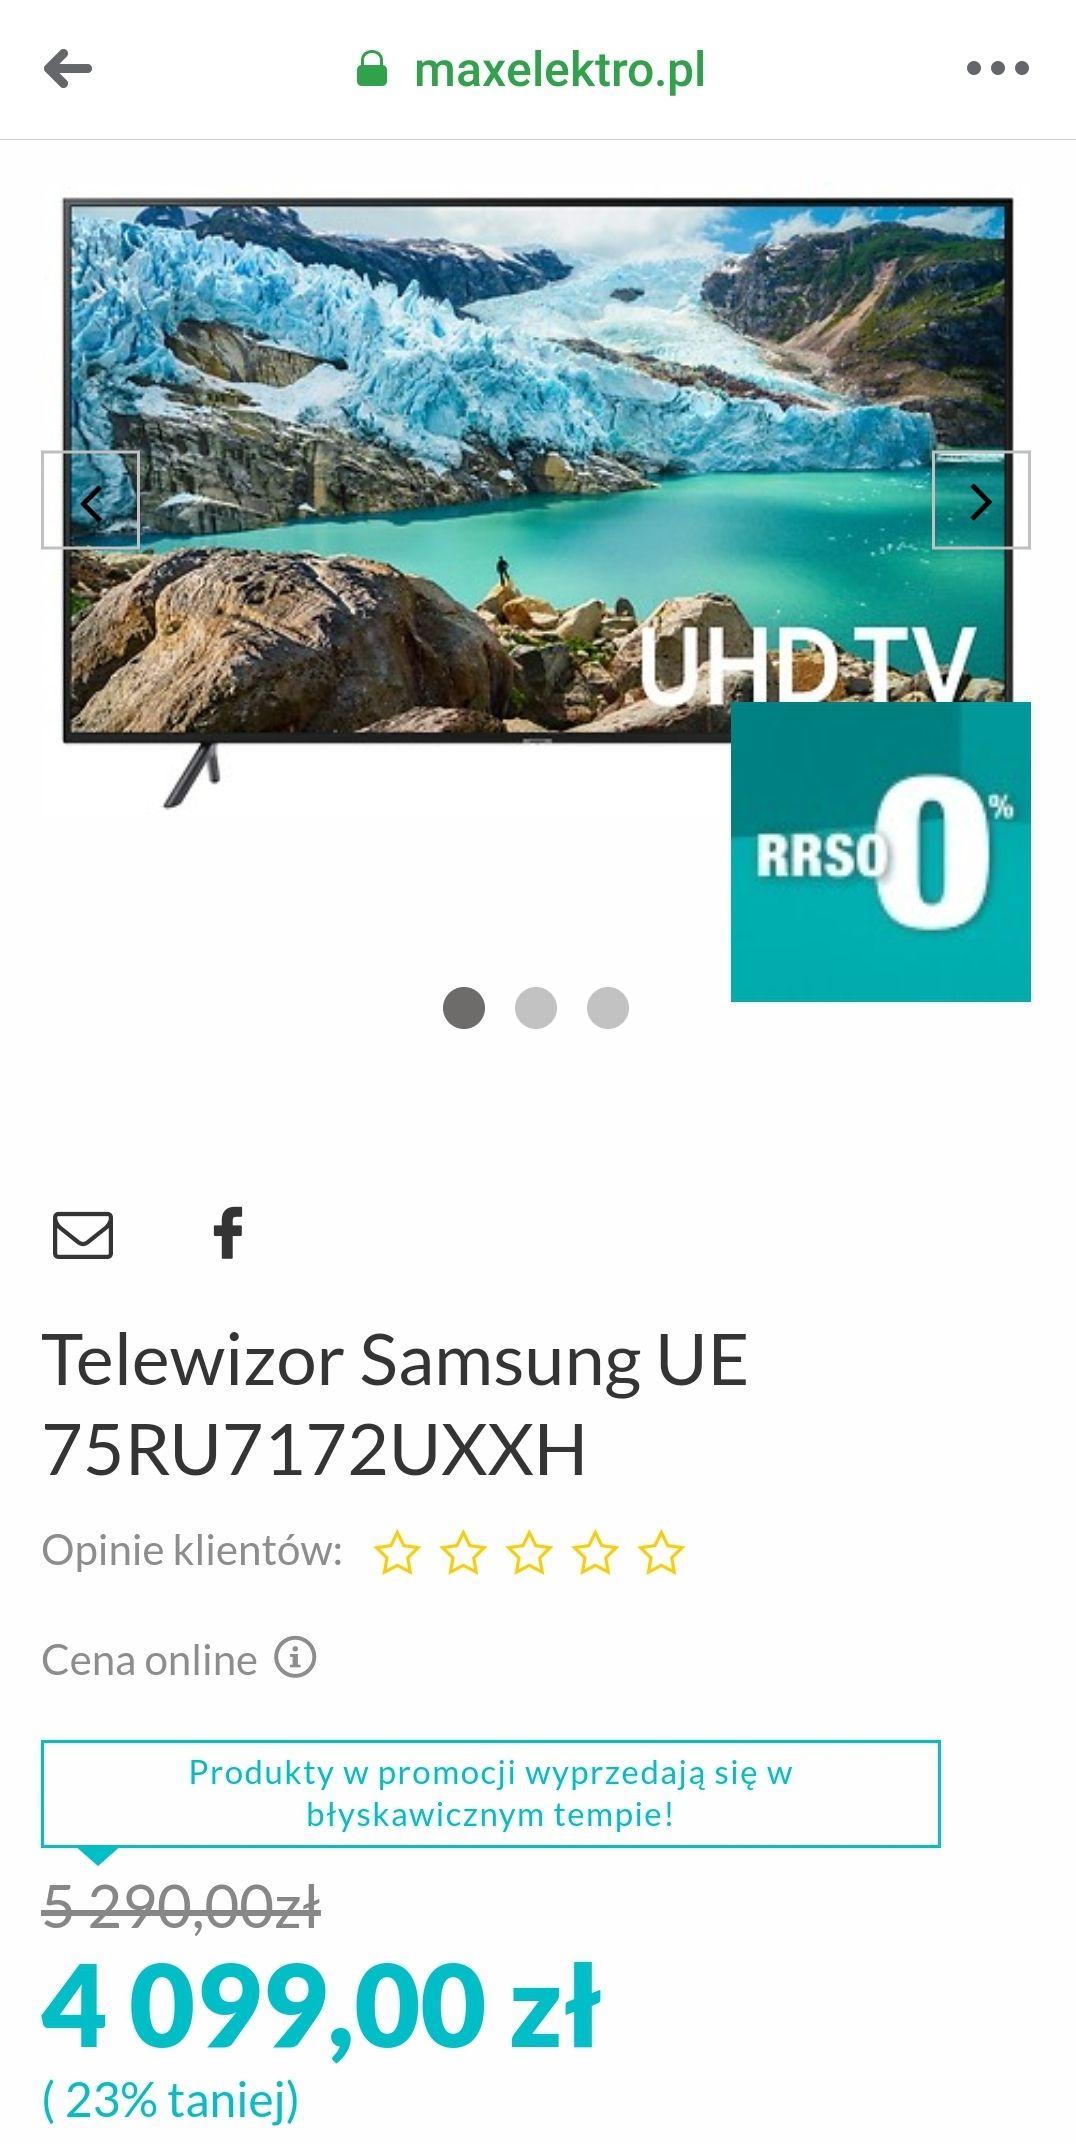 Telewizor Samsung UE 75RU7172UXXH